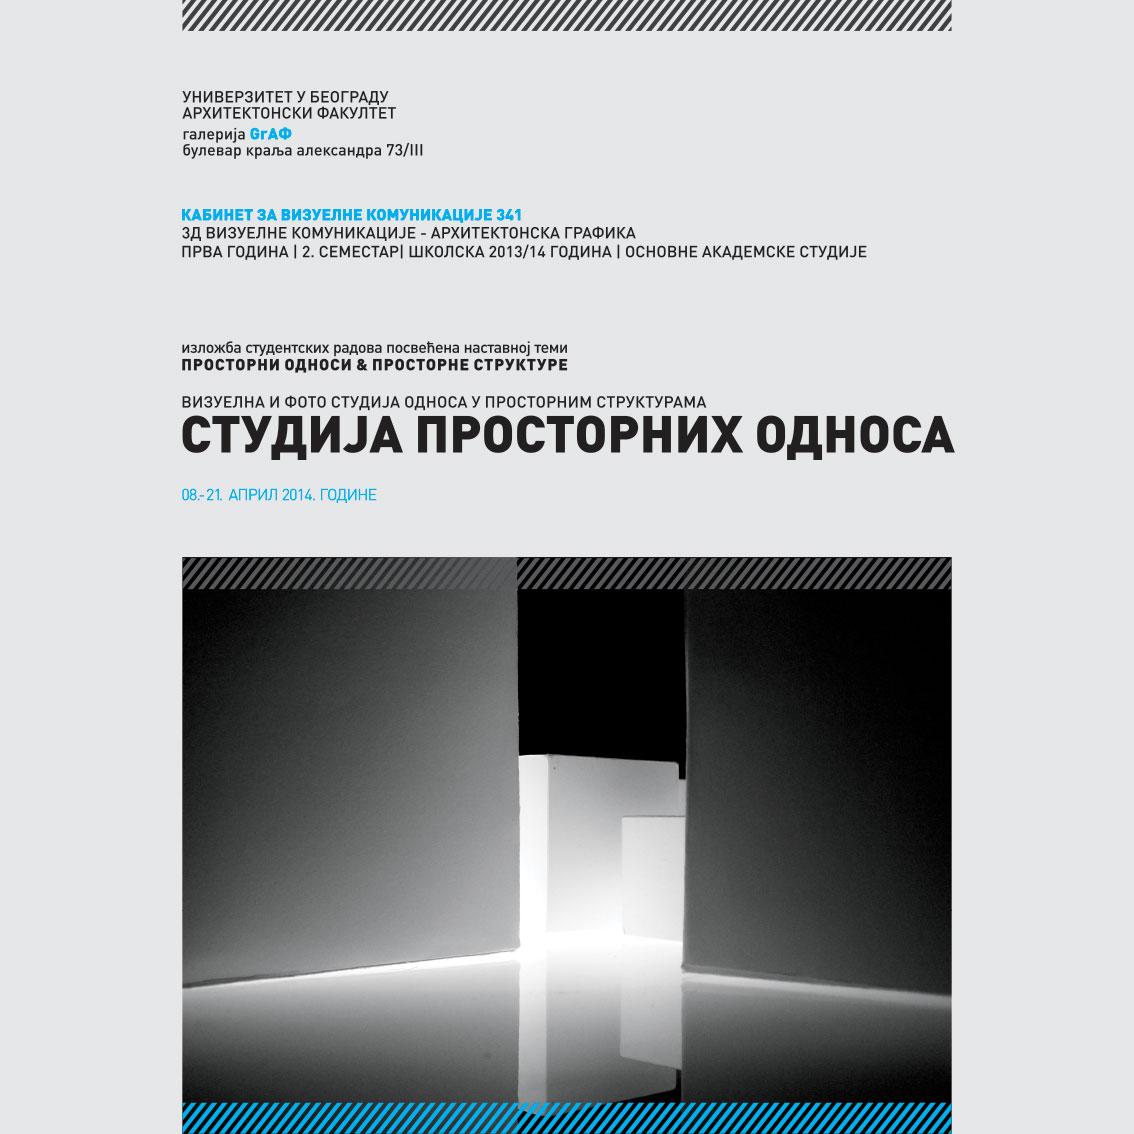 POZIVNICA-studija-prostornih-odnosa-1